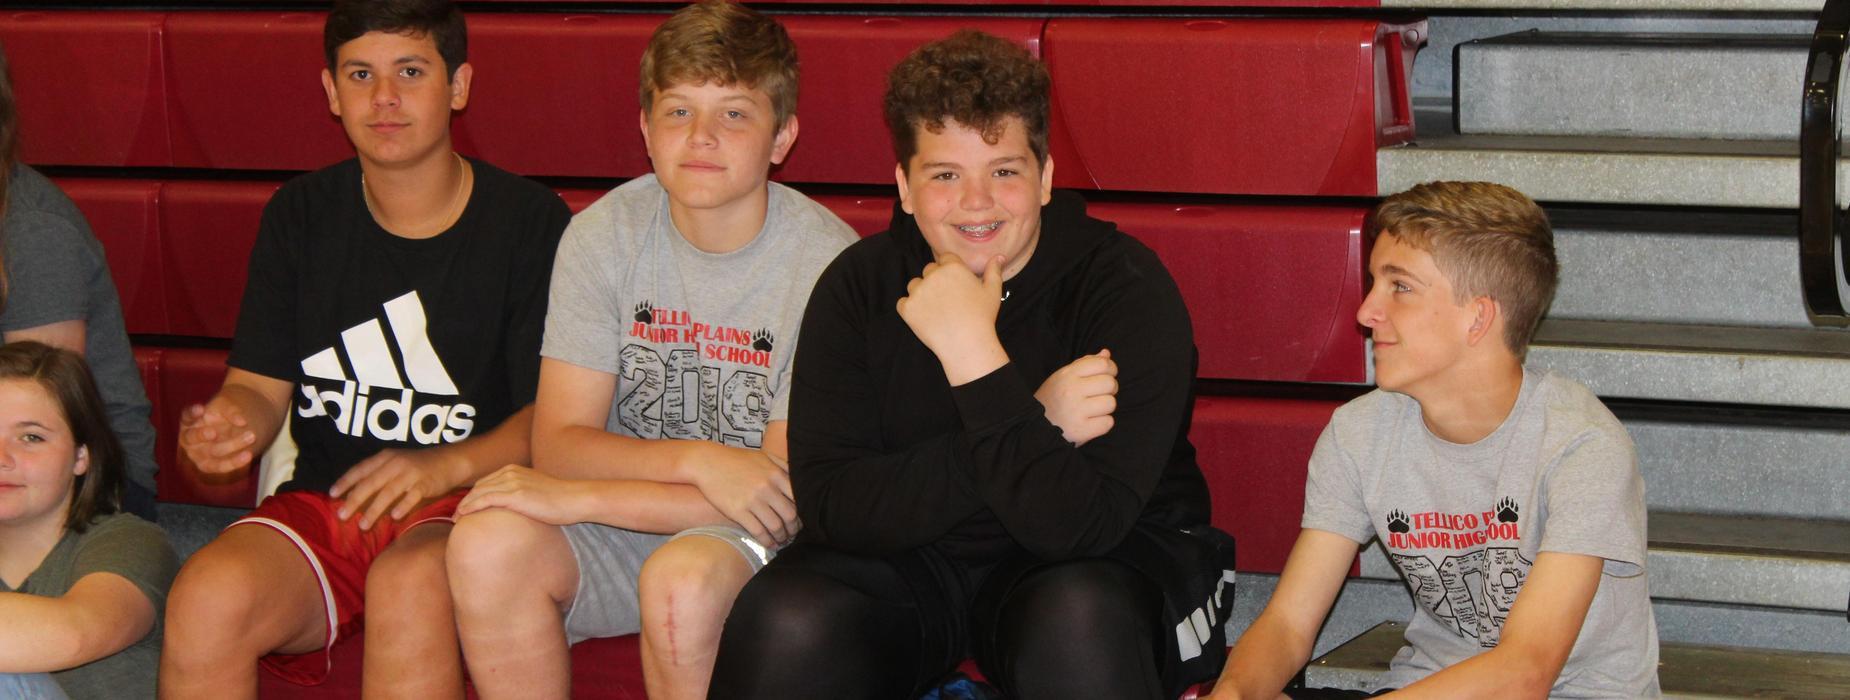 8th Grade Friends